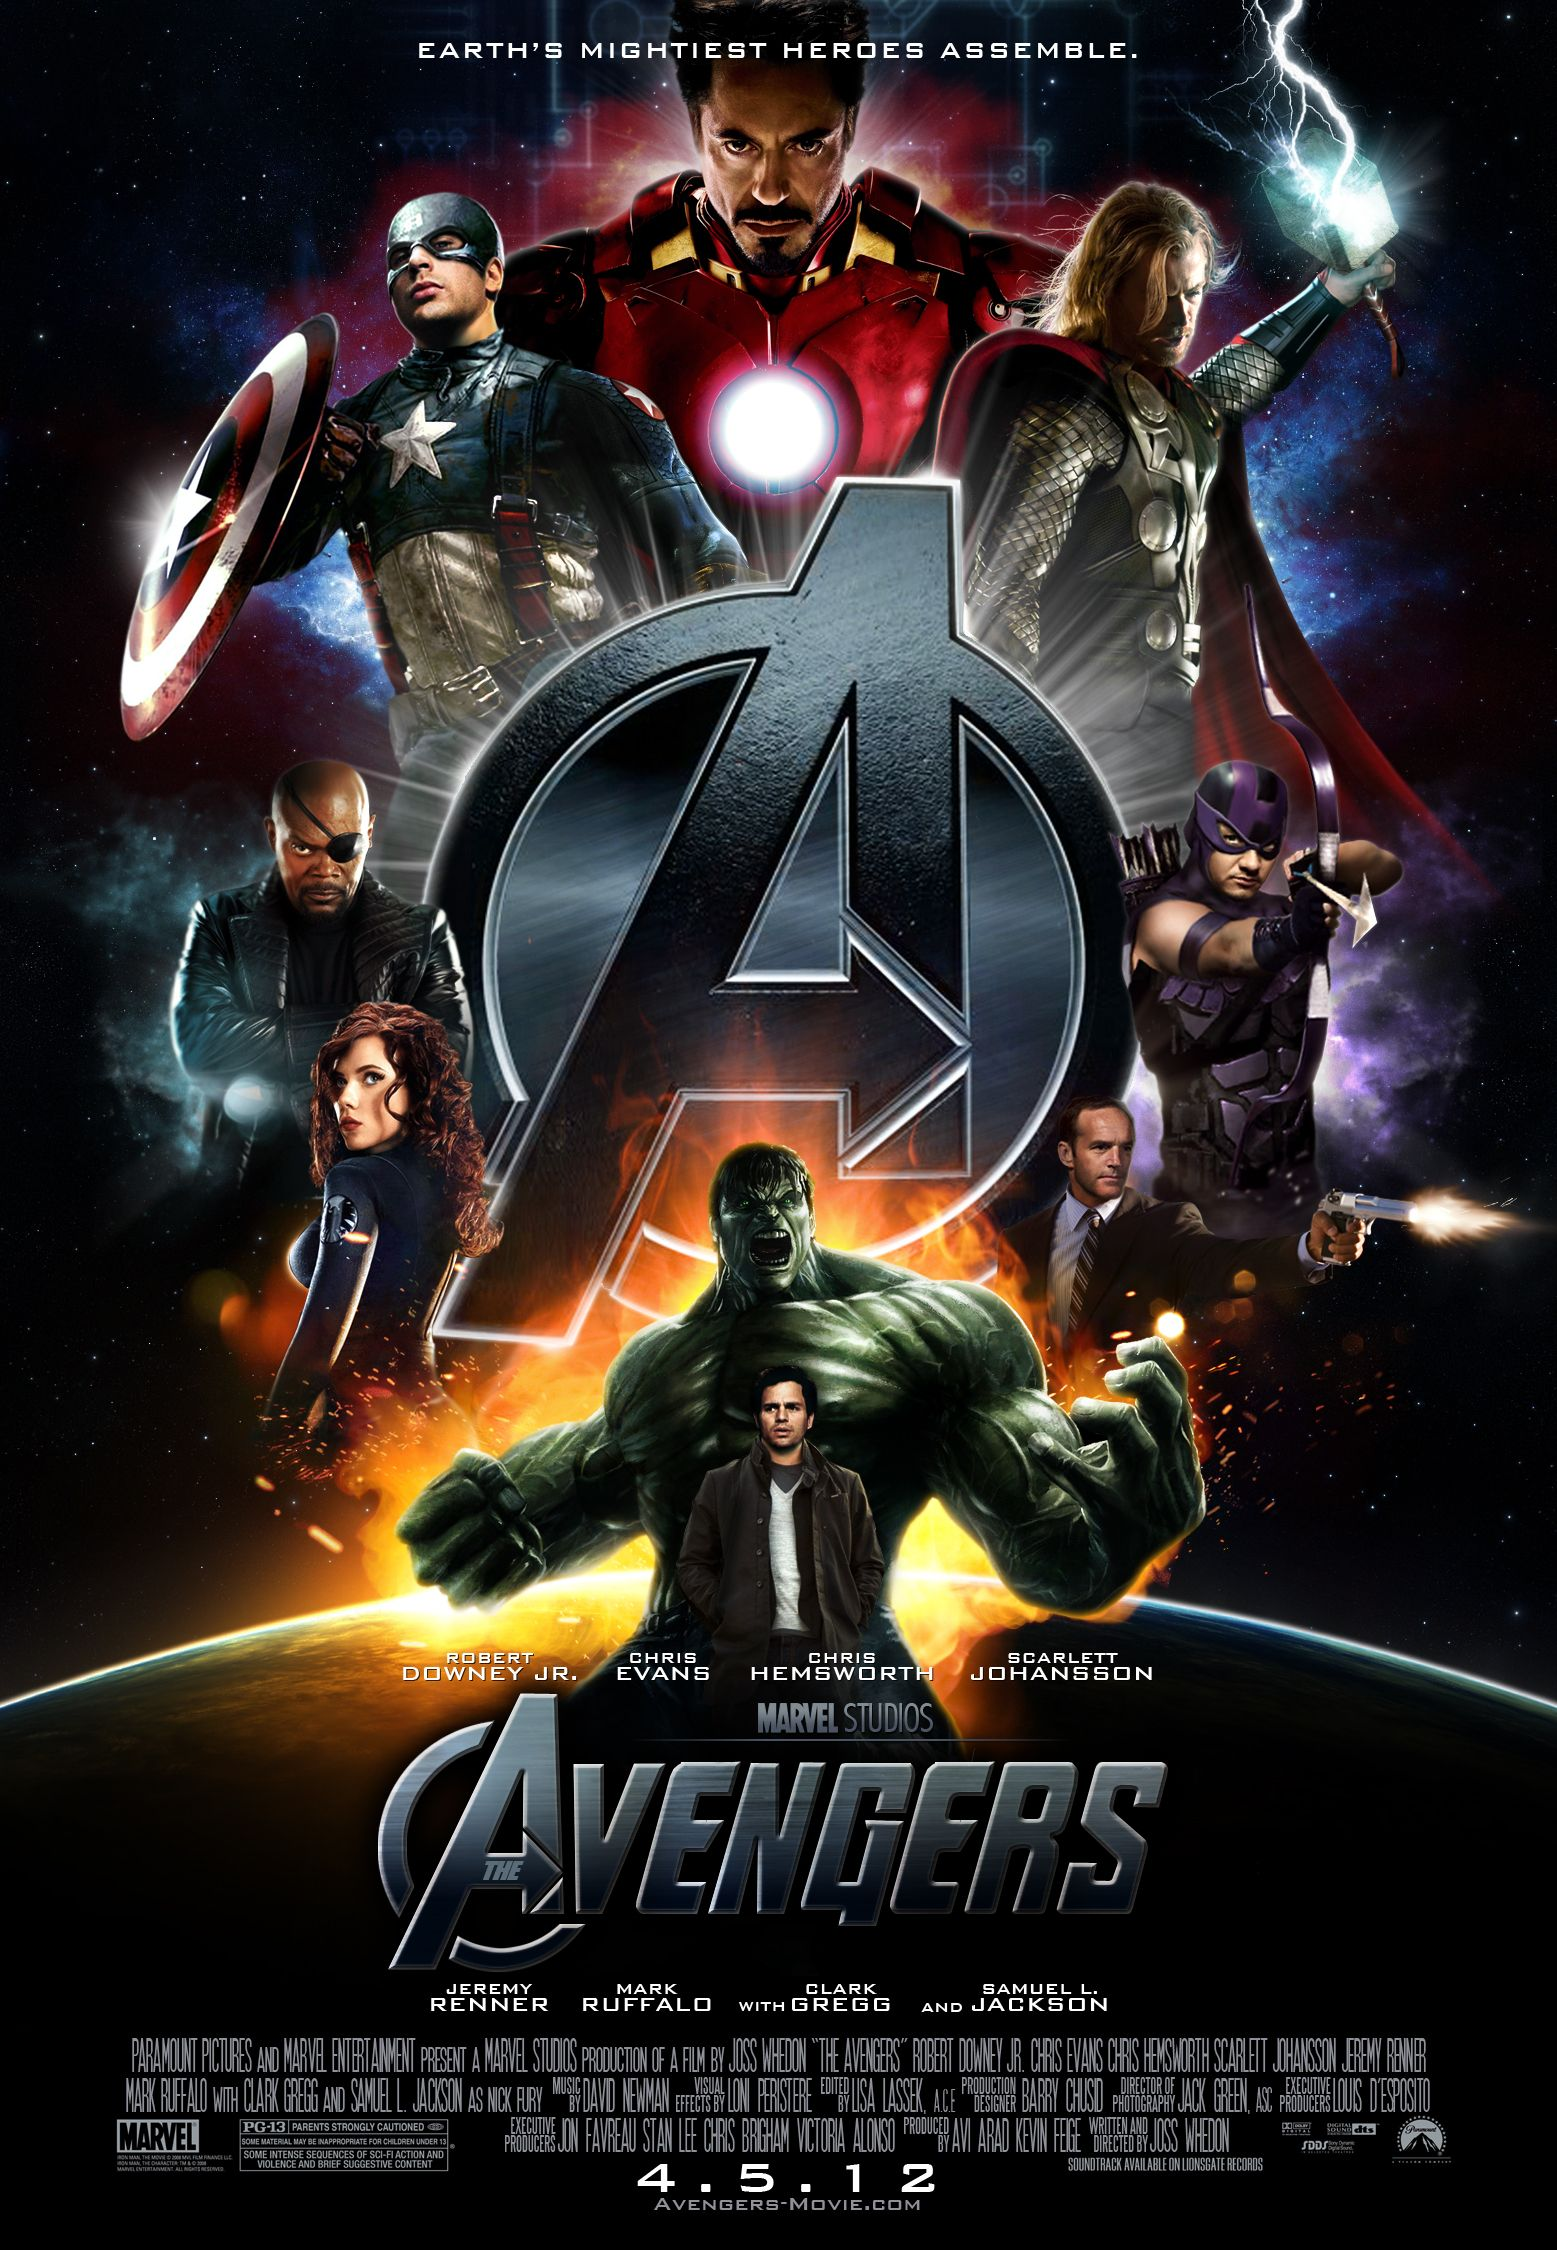 The Avengers Movie Poster By Themadbutcher On Deviantart Avengers Filme Avengers 2012 Die Racher